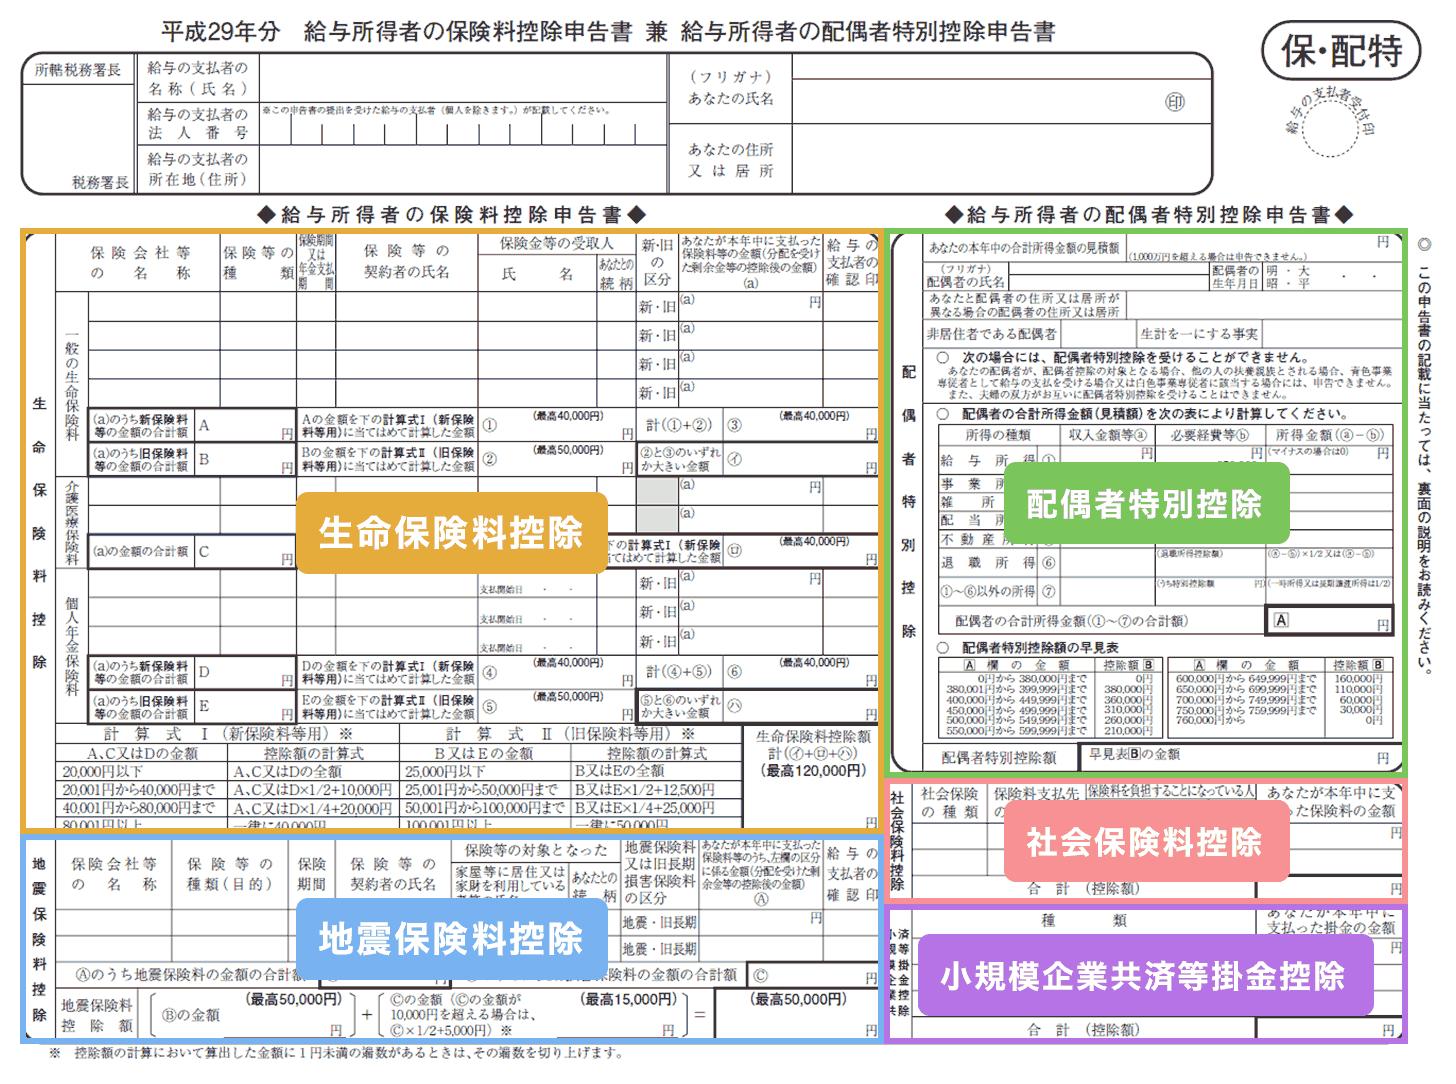 「給与所得者の保険料控除申告書兼給与所得者の配偶者特別控除申告書」のサンプル図